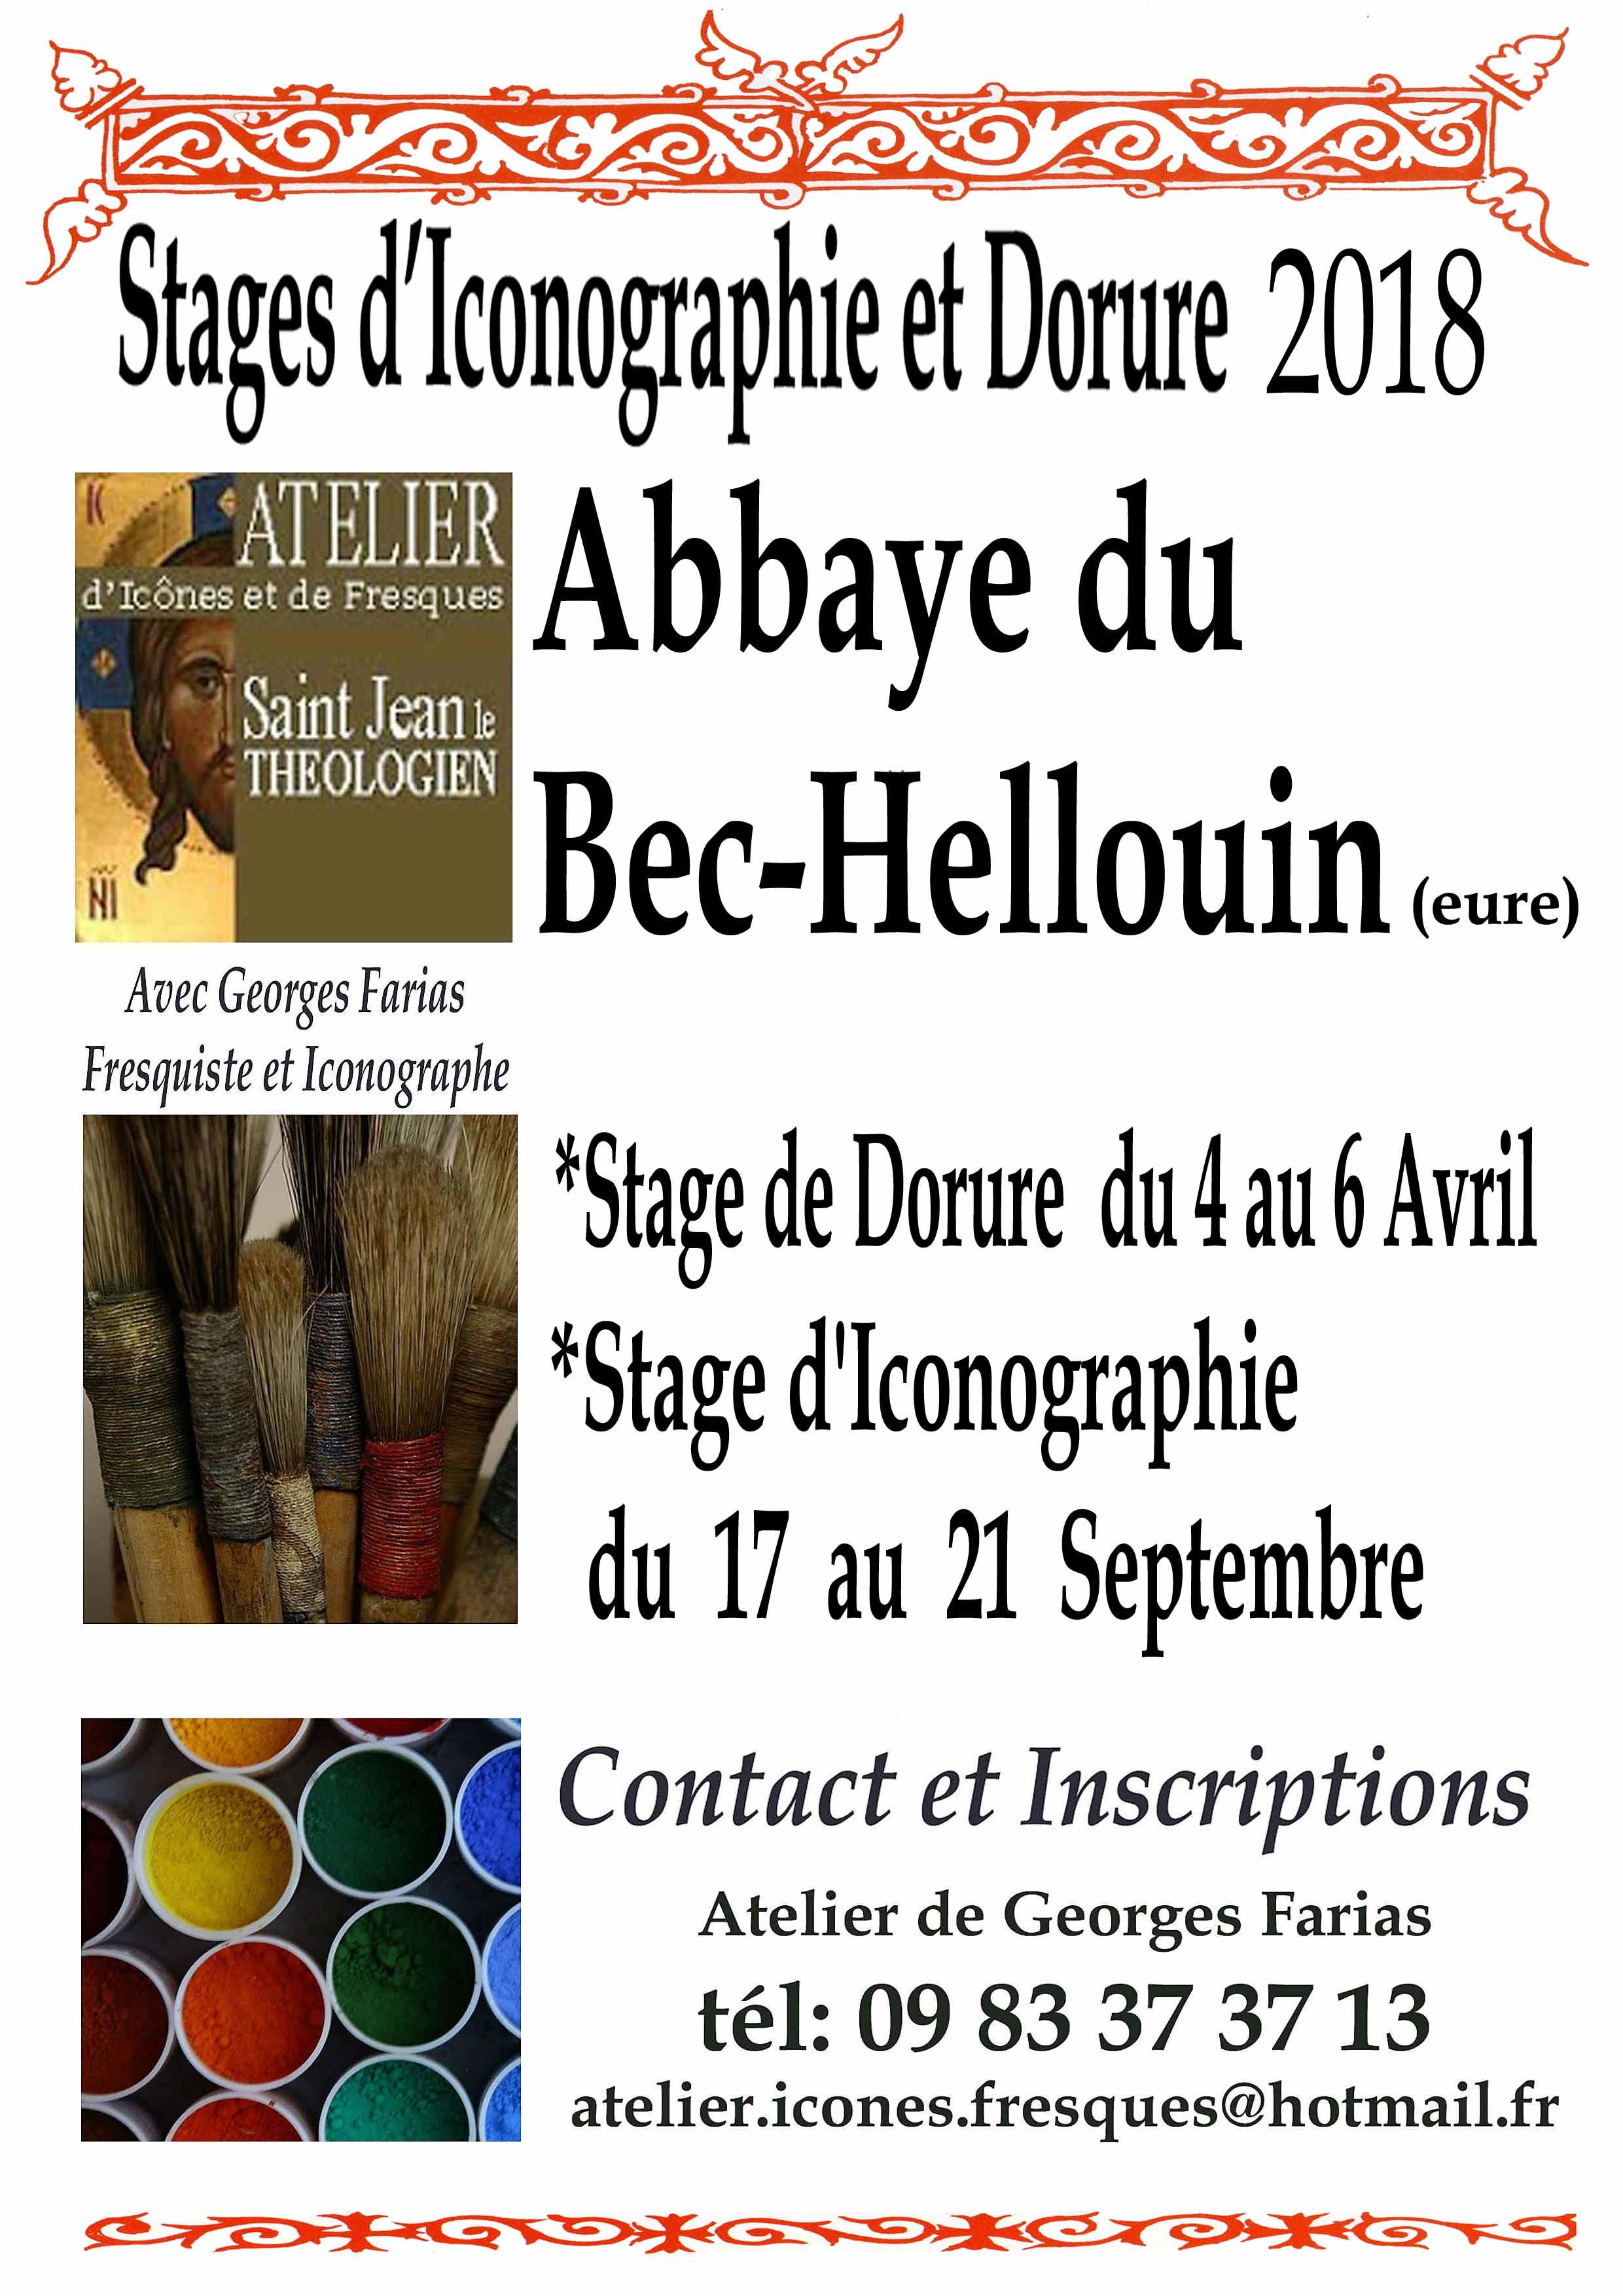 Stage d'Iconographie à l'Abbaye du Bec-Hellouin (27) du 17 au 21 septembre 2018